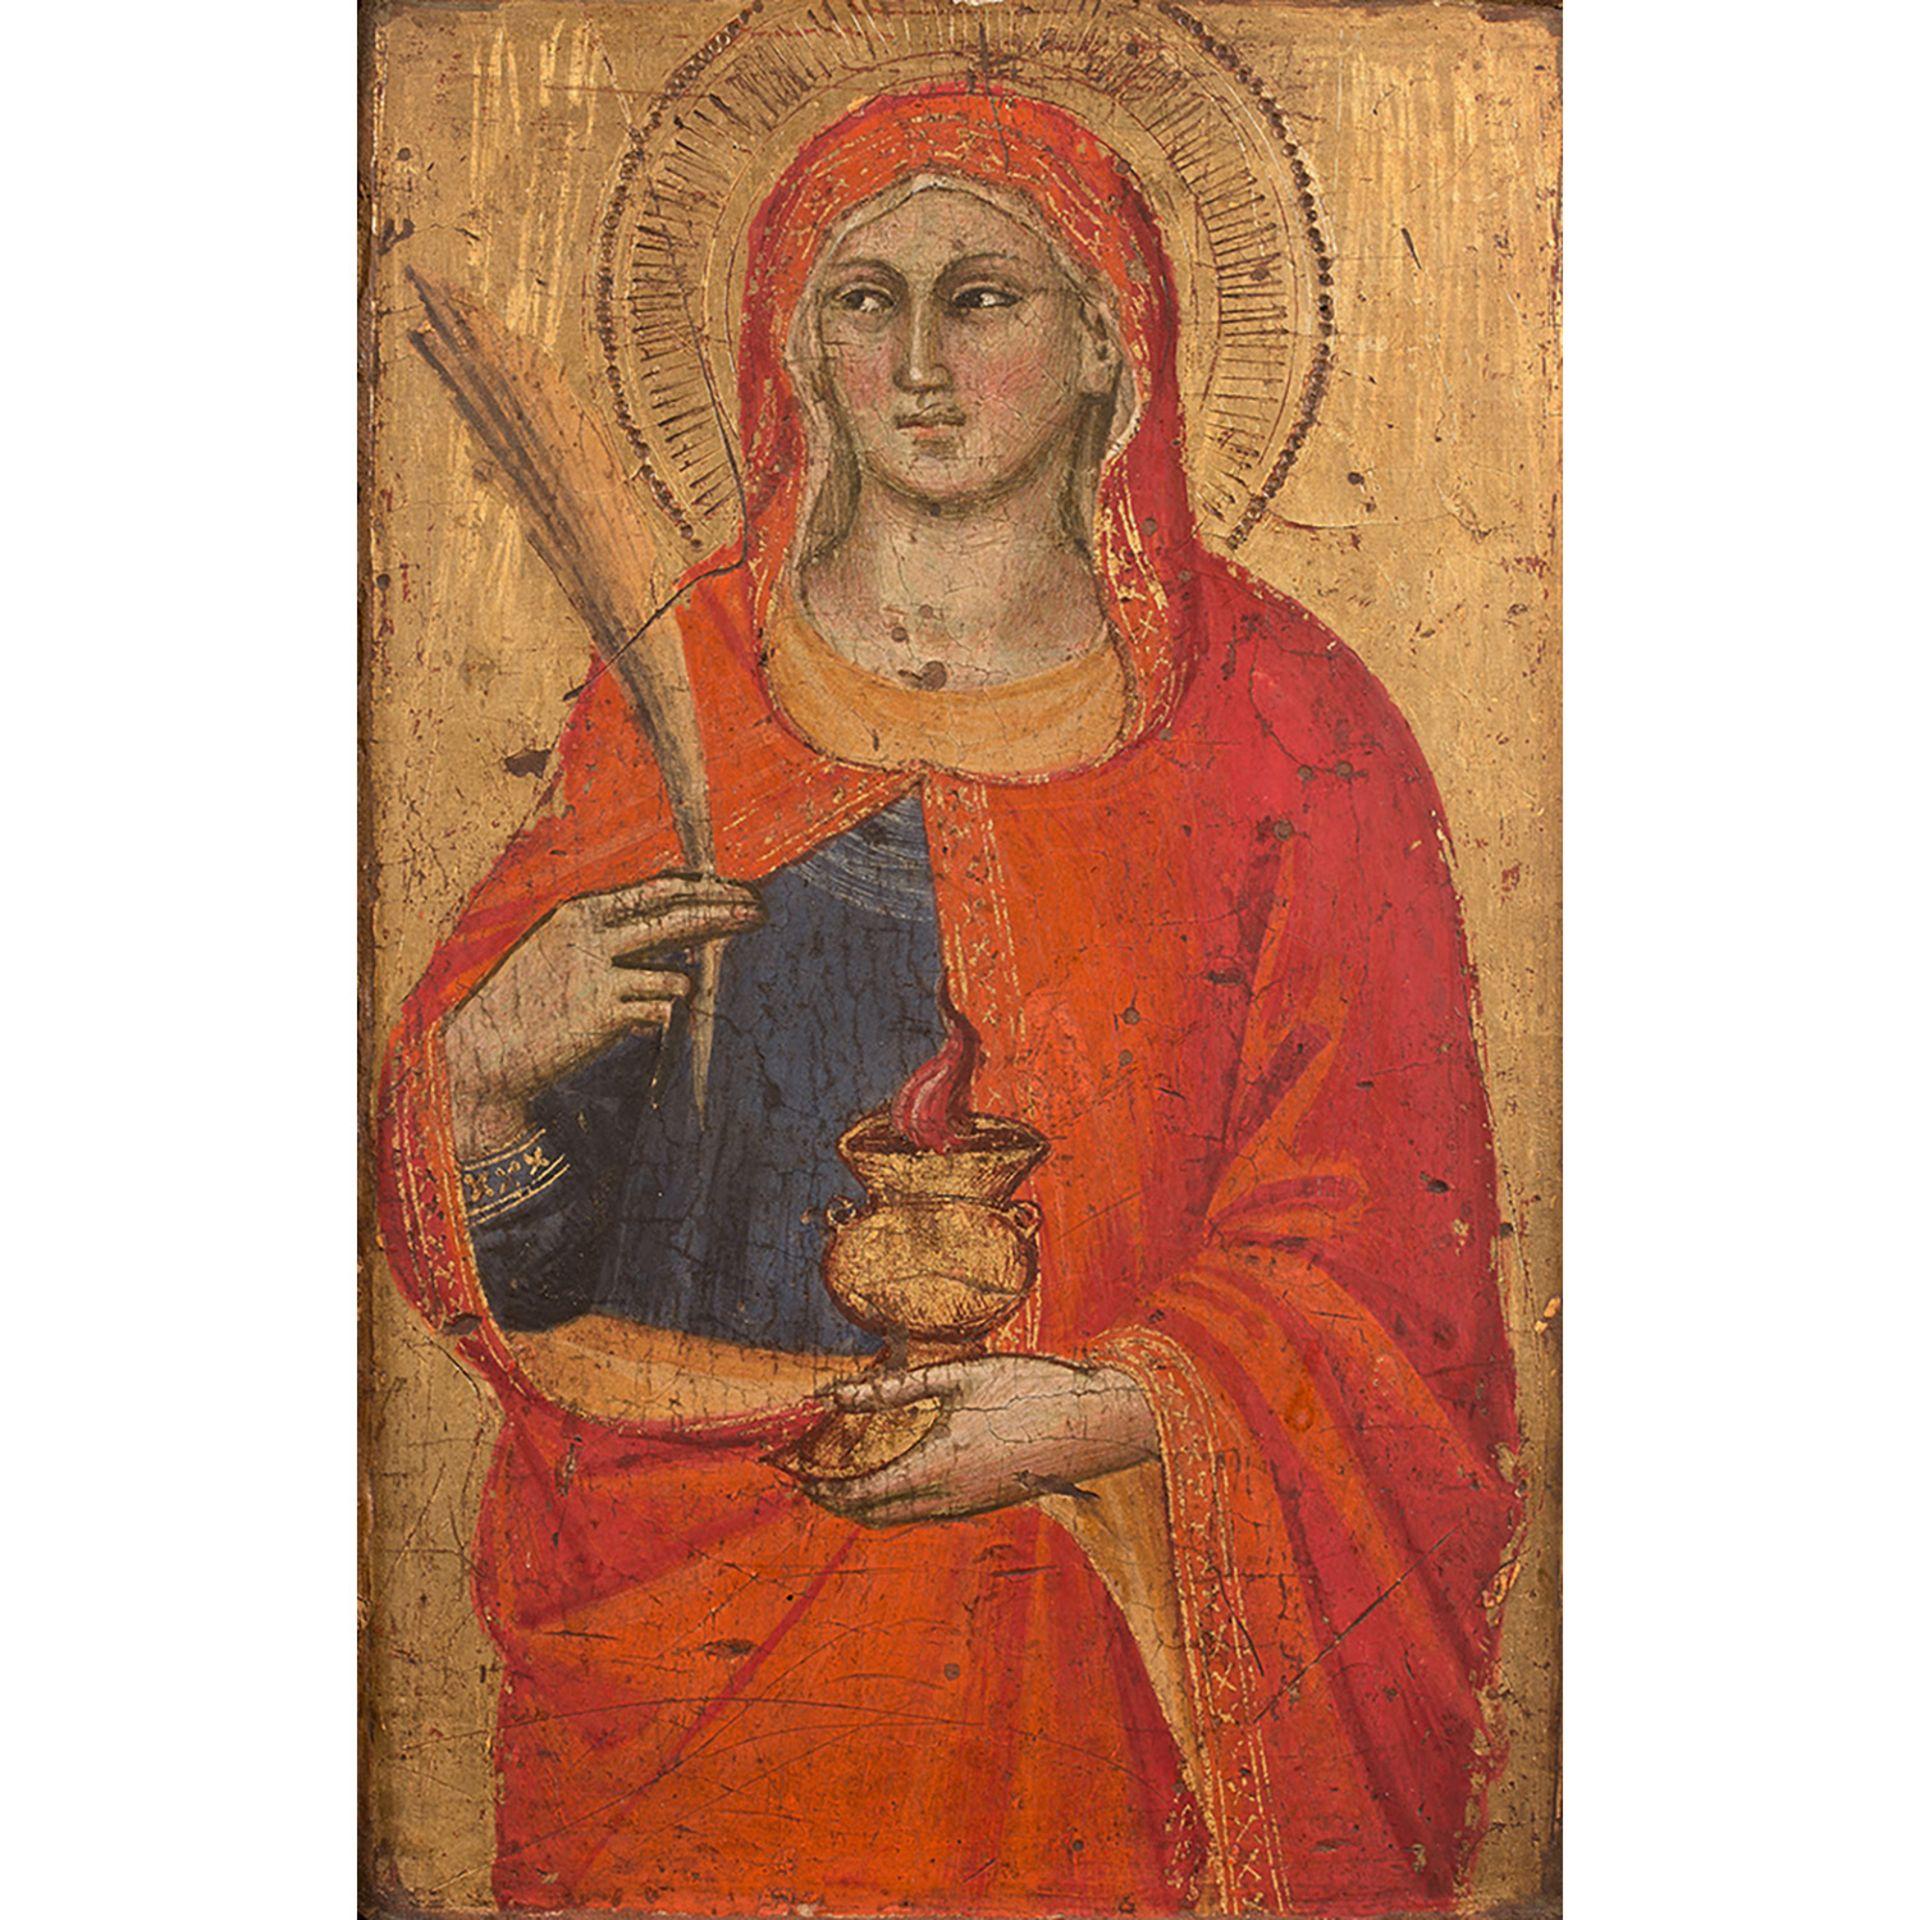 Taddeo di BARTOLO (Sienne 1362/1363-1422)